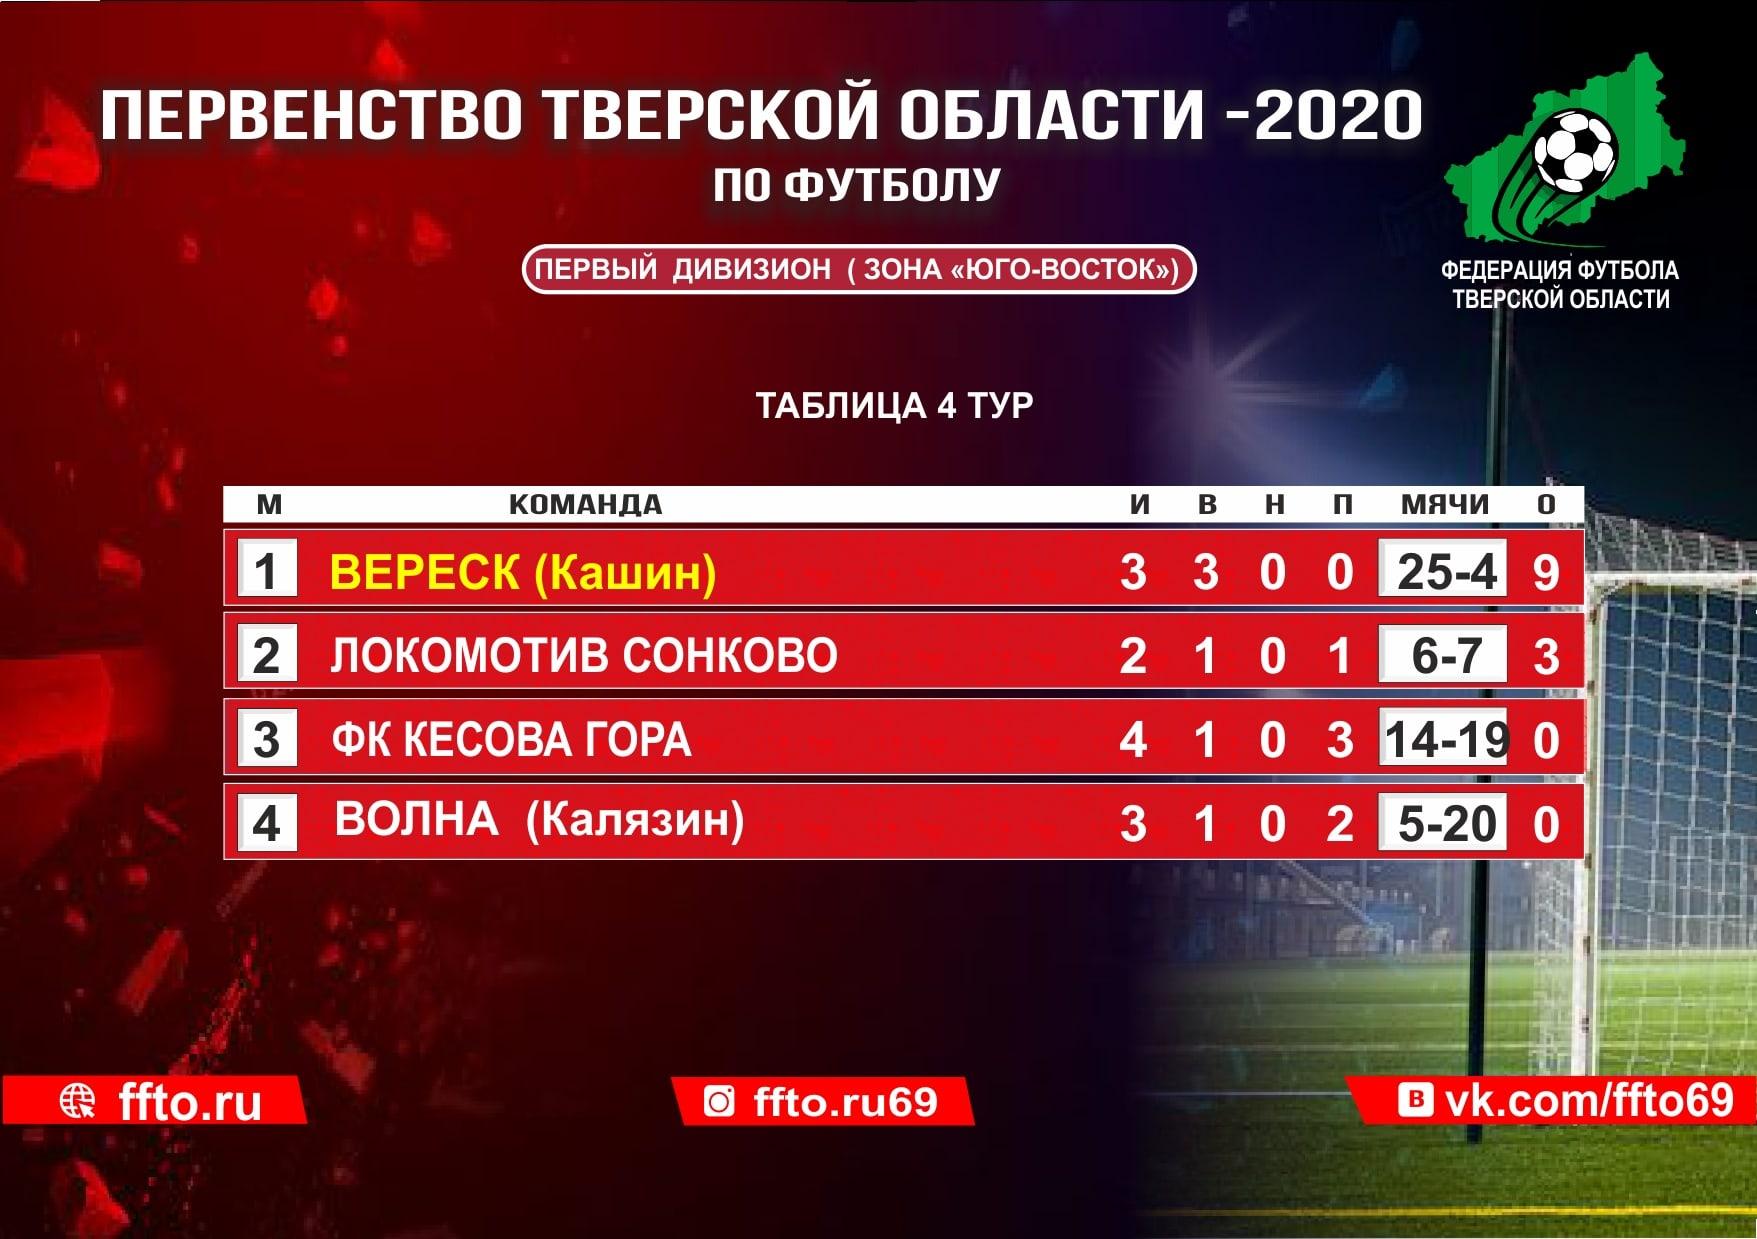 Опубликованы результаты матчей 4-ого тура Первенства Тверской области по футбол